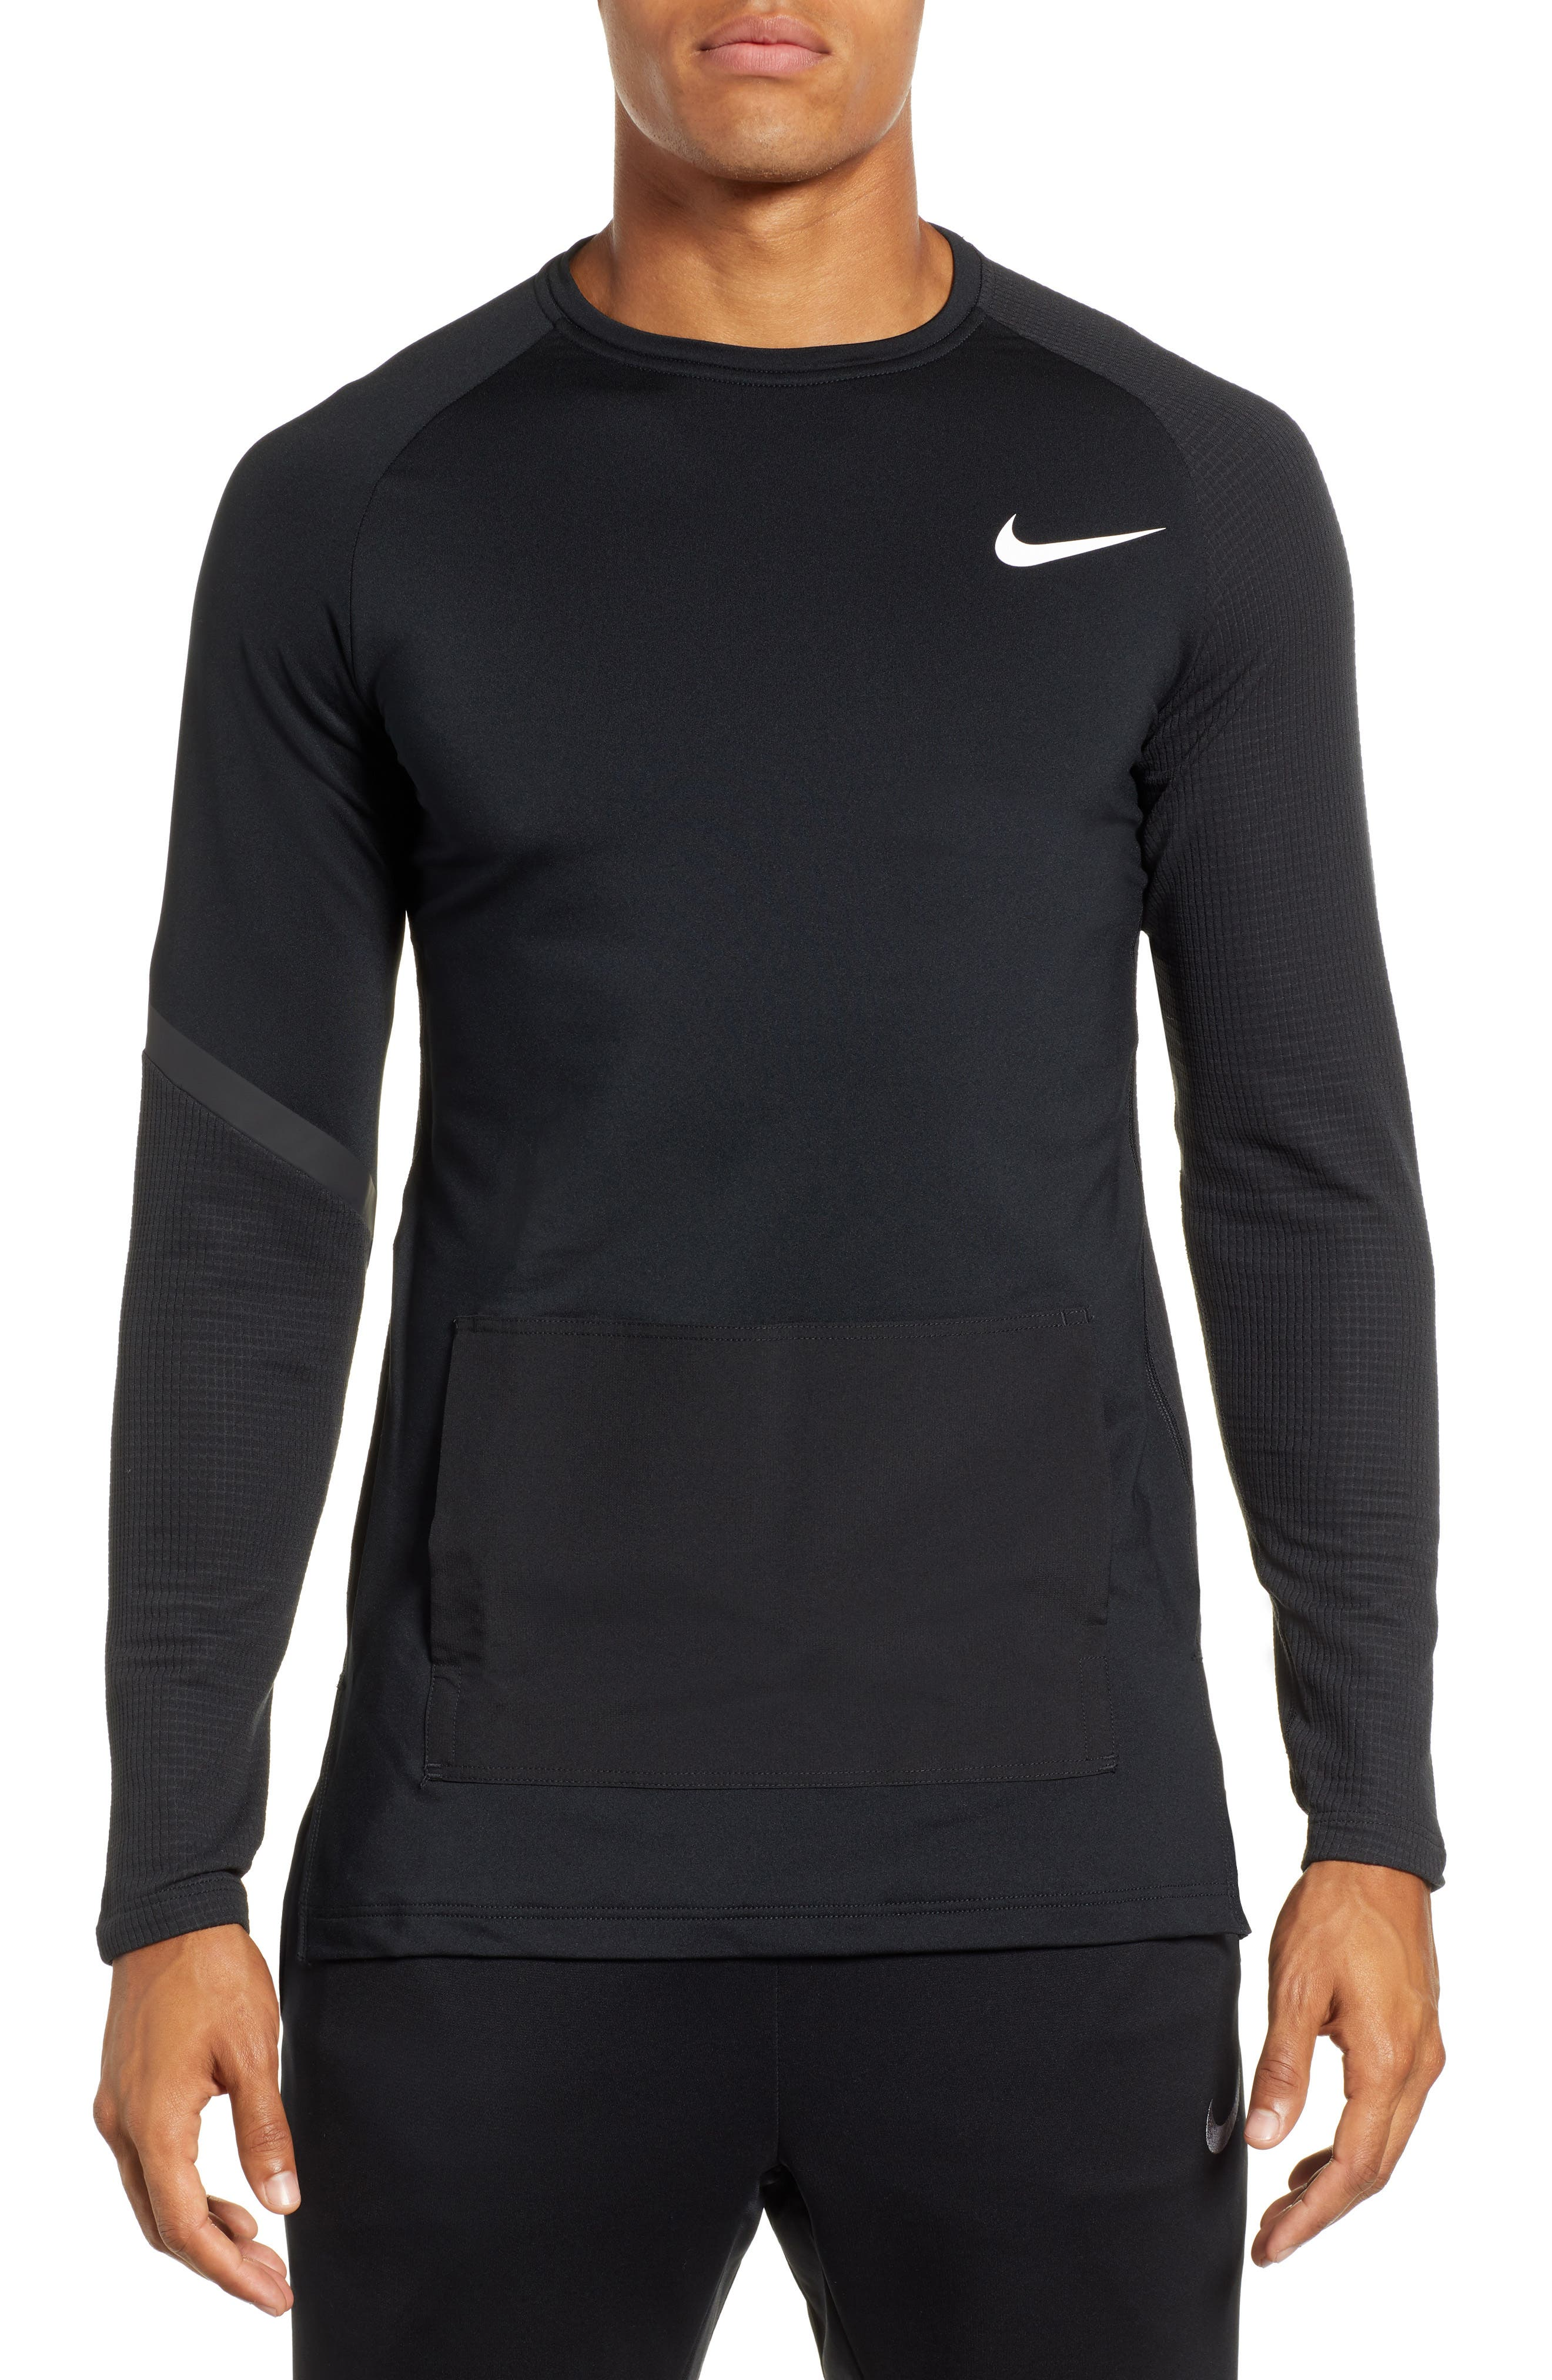 Nike Pro Px 3.0 Long Sleeve Training T-Shirt